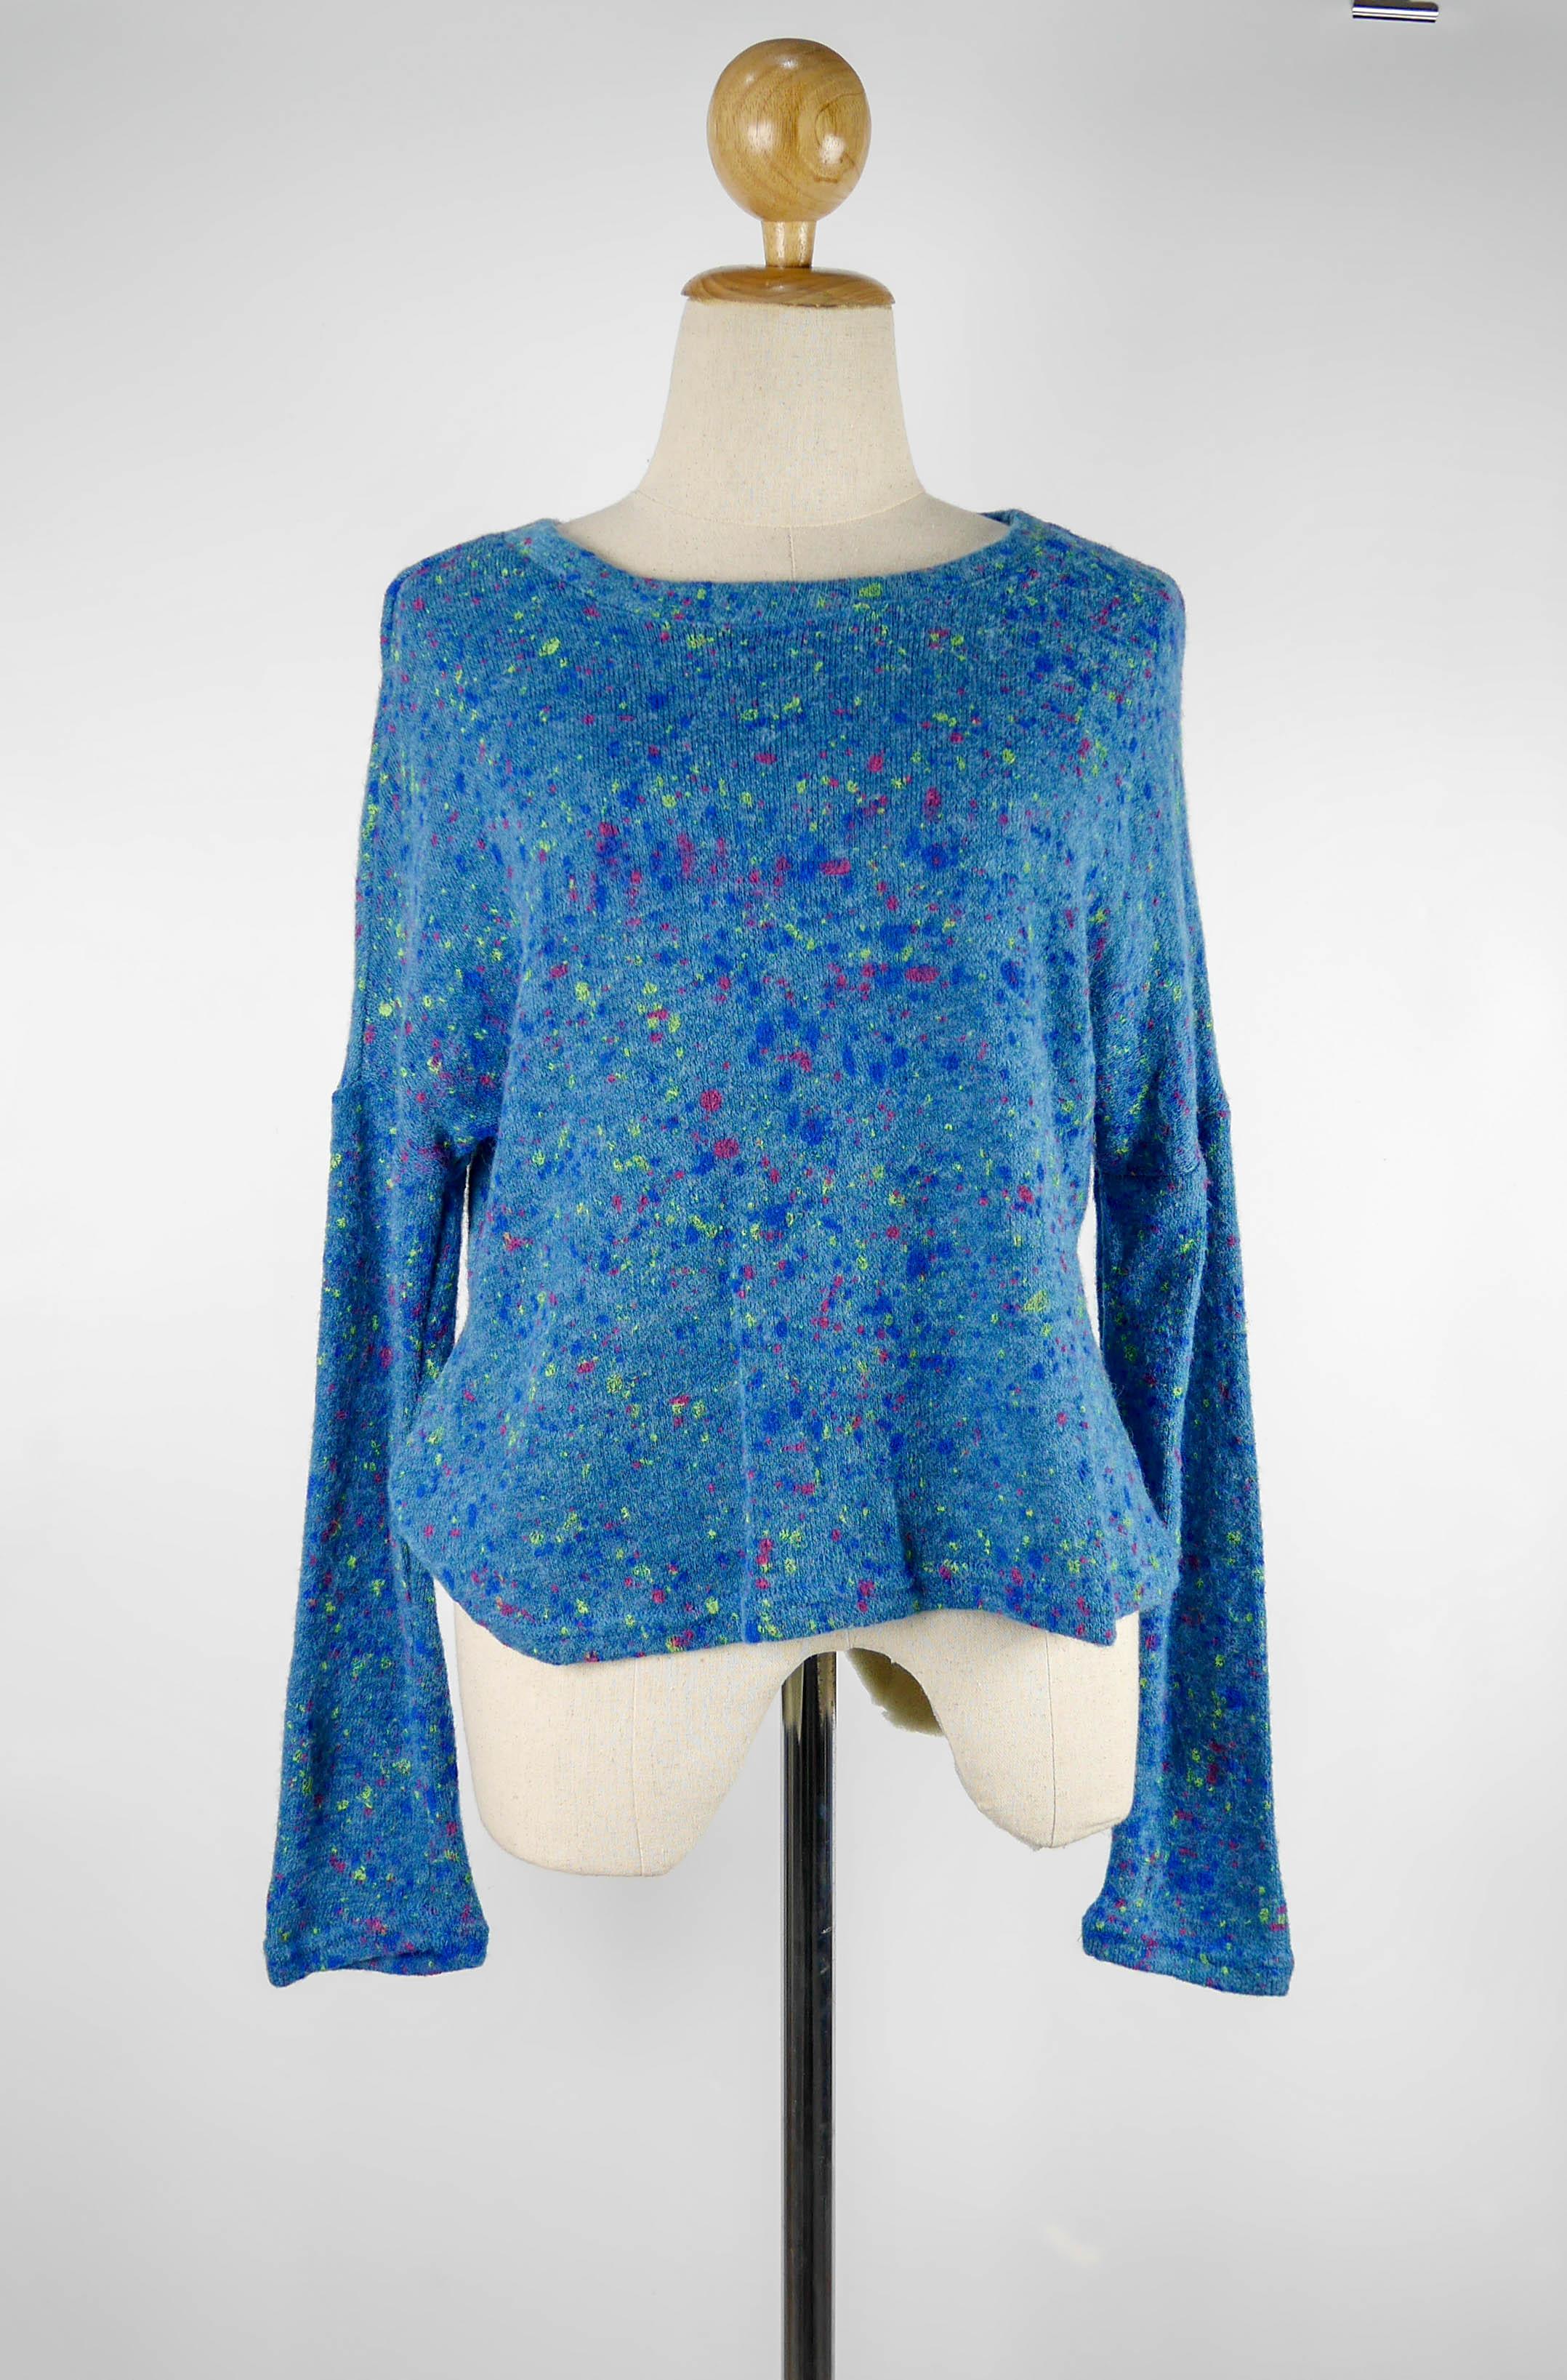 (SALE) เสื้อแขนยาว แฟชั่น ลายจุดหลากสีตามภาพ สีน้ำเงิน